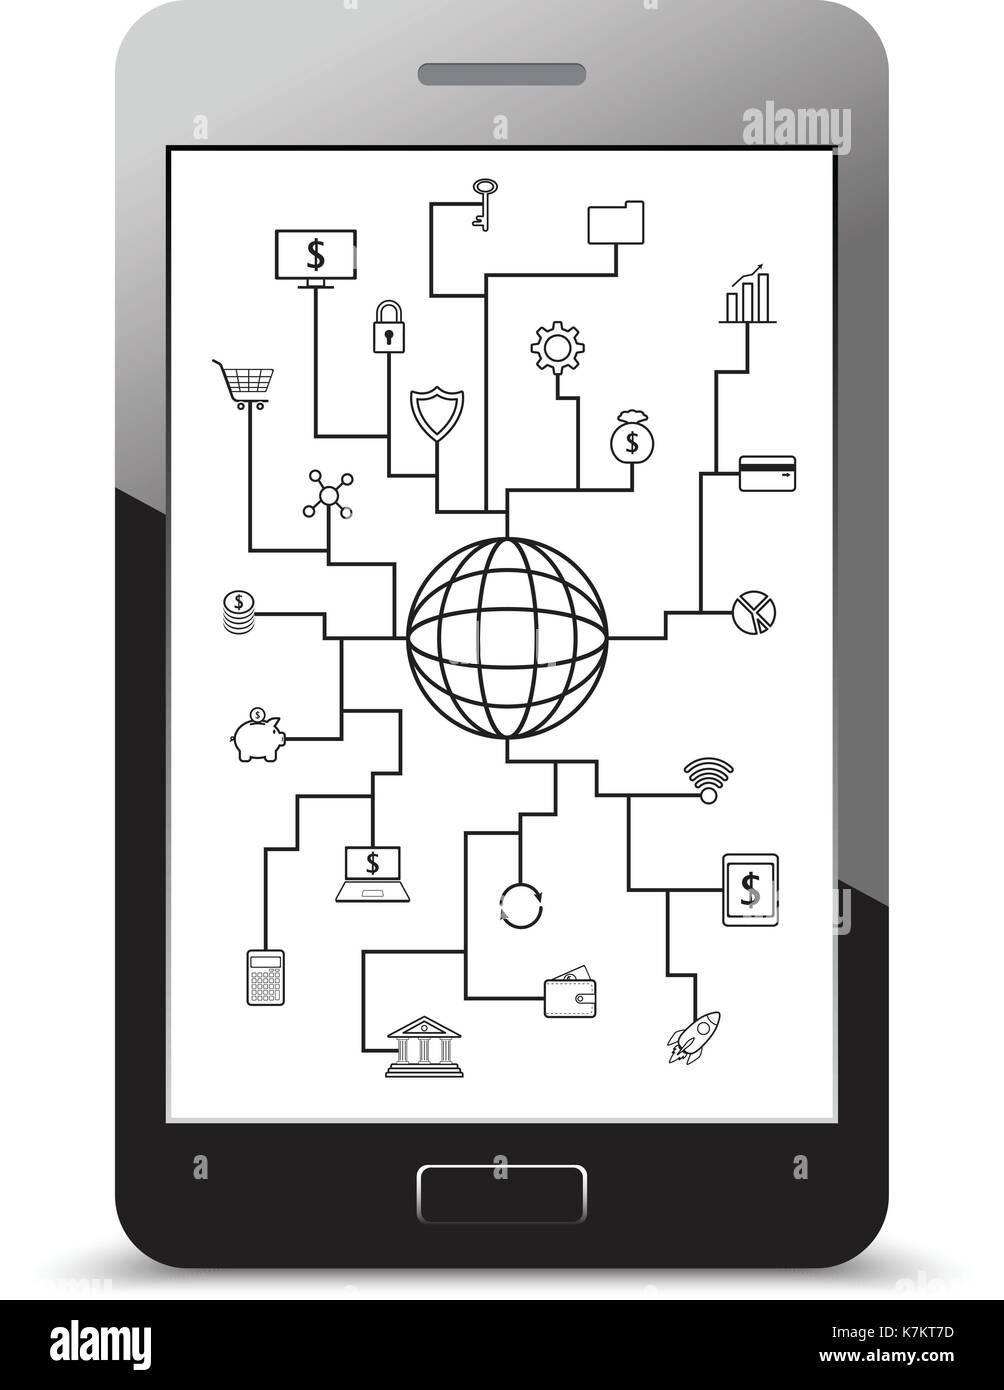 Fintech vecteur icônes ligne autour d'un globe sur la technologie financière, bancaire, et l'investissement avec fond blanc sur un écran de smartphone réaliste Photo Stock